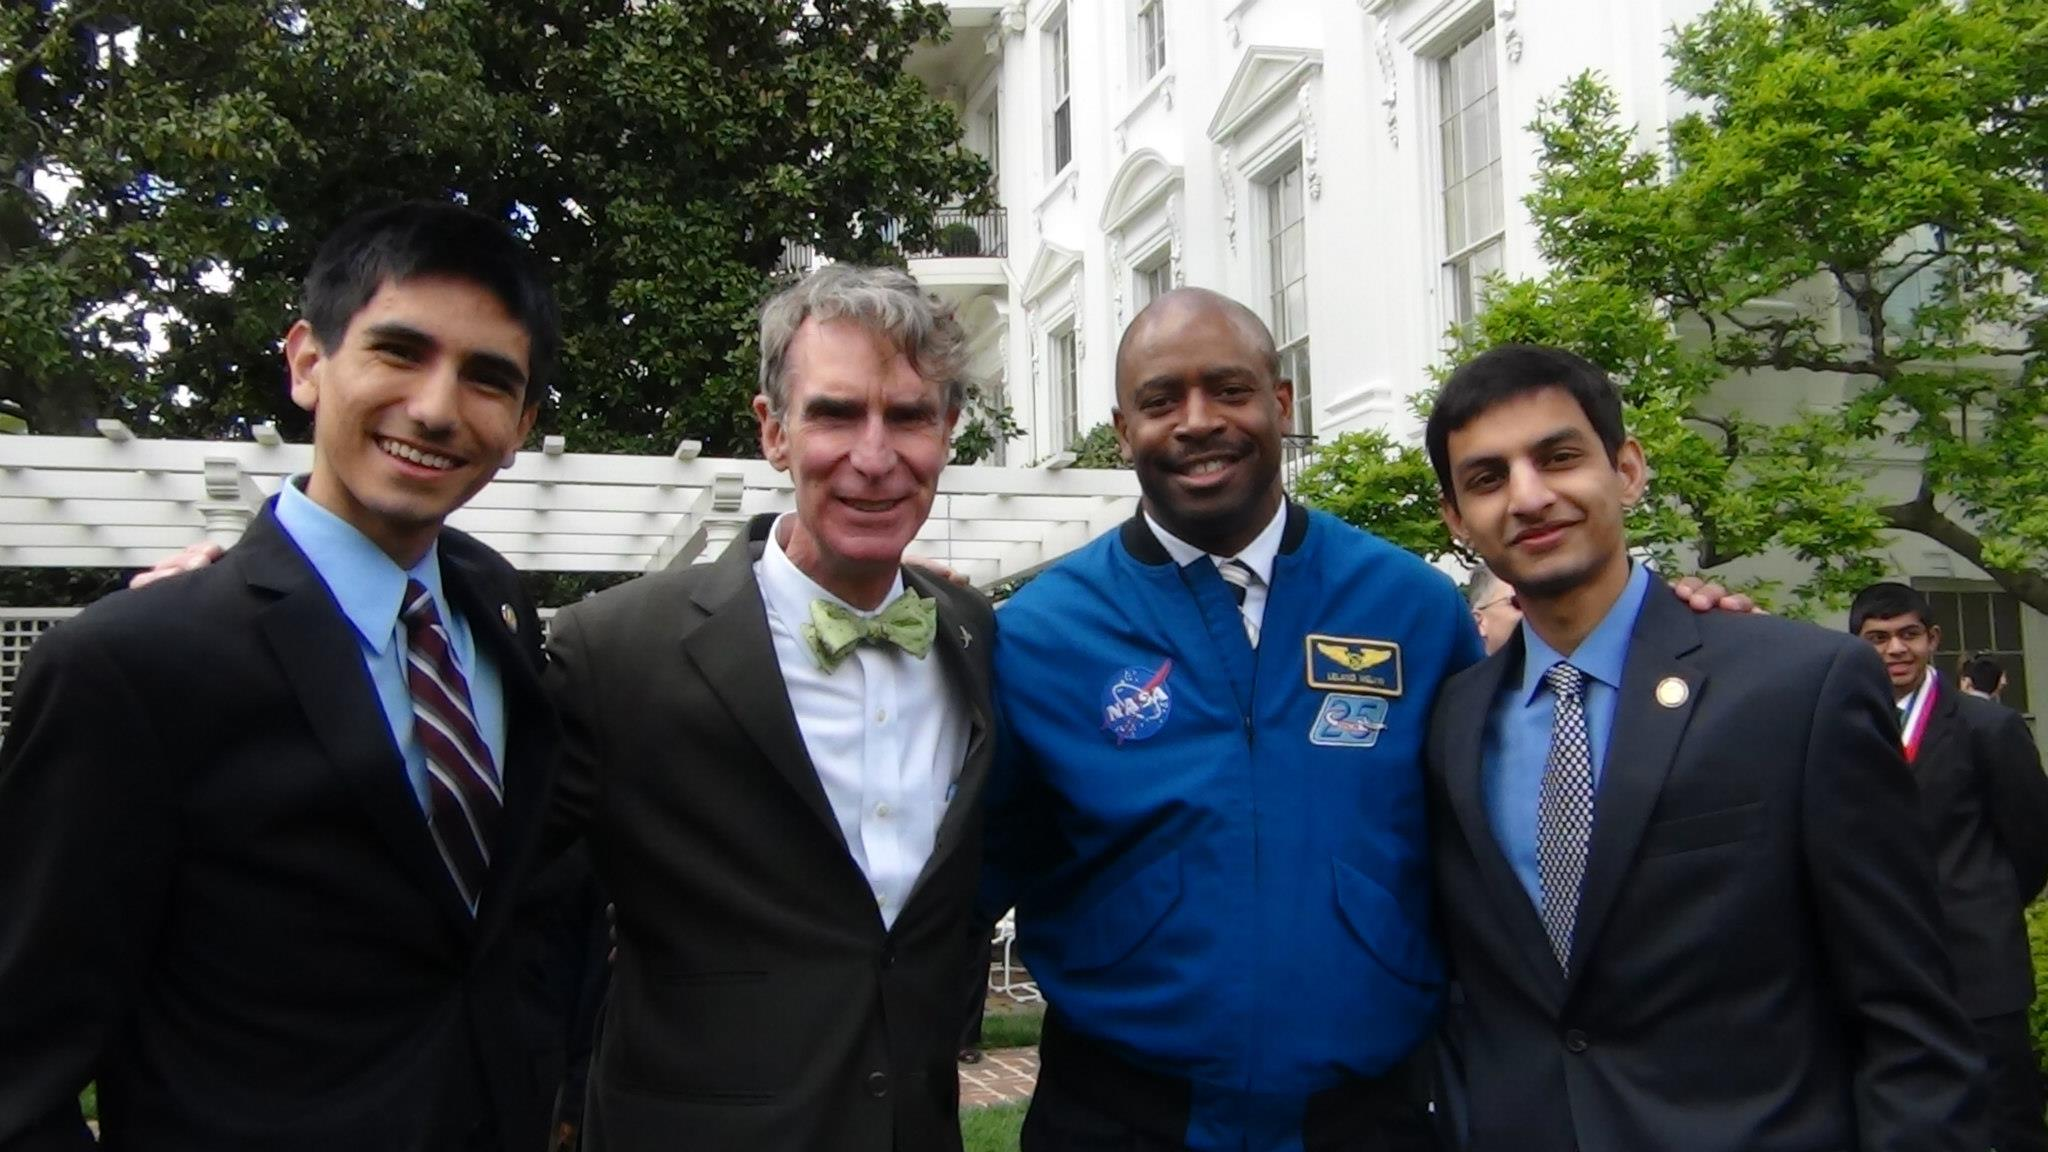 AirCOM with Bill Nye and Leland Melvin.jpg